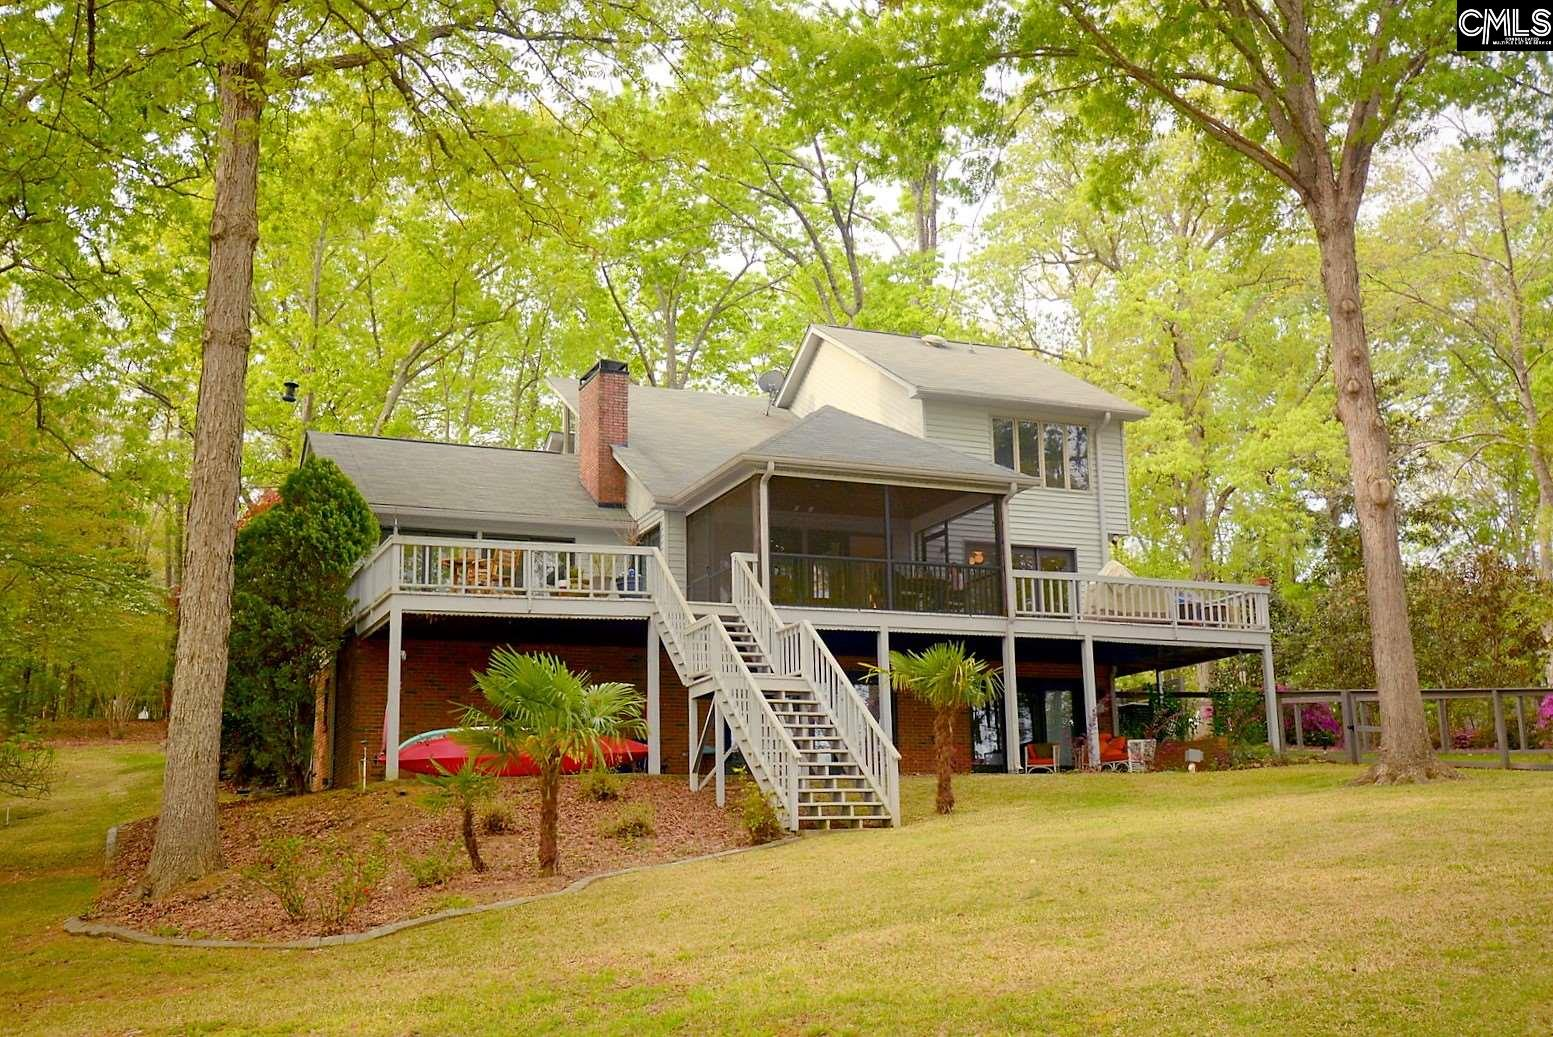 168 Torrey Pine Lane Chapin, SC 29036-9581